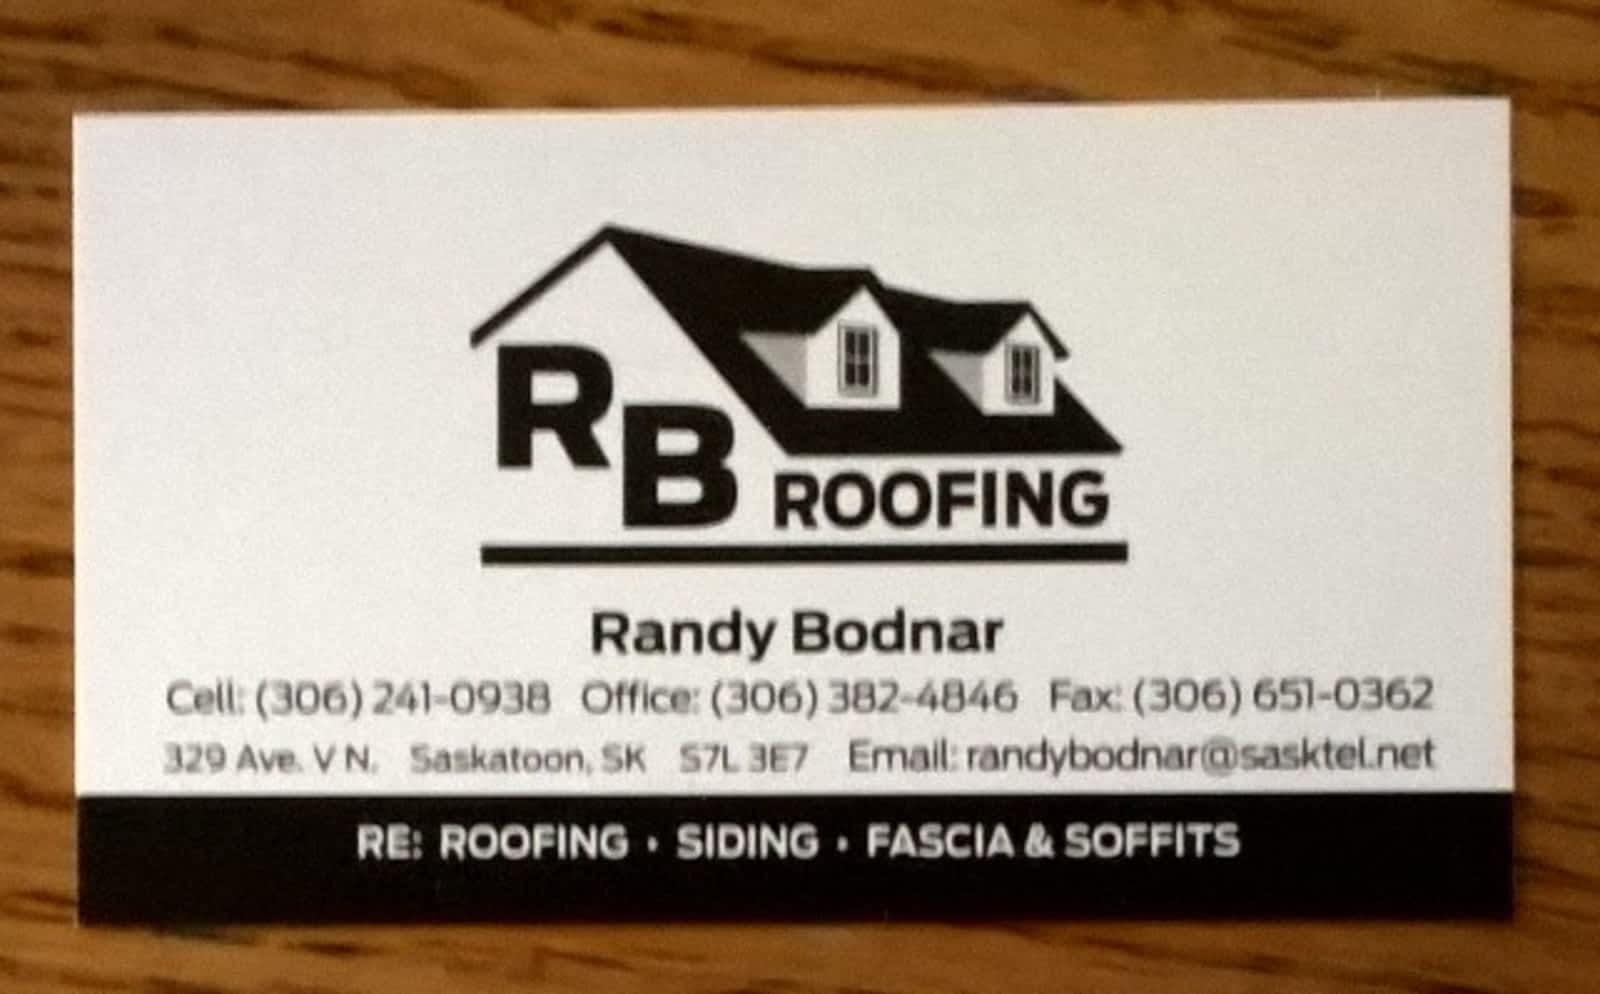 RB Roofing - Opening Hours - 329 Ave V N, Saskatoon, SK